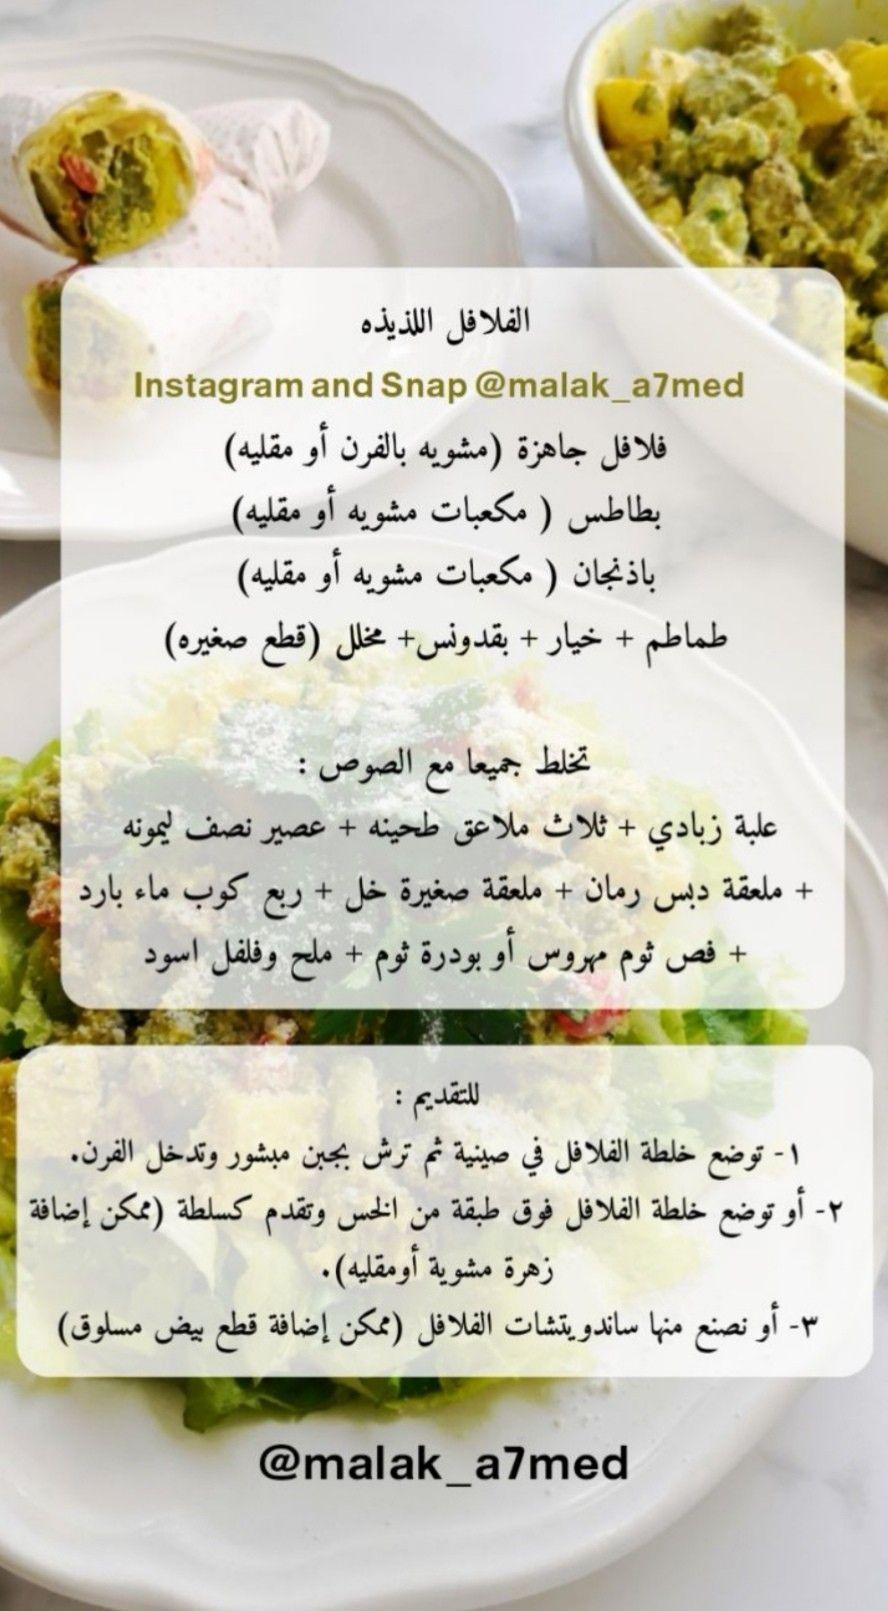 فلافل لذيذه Healty Food Food Photo And Video